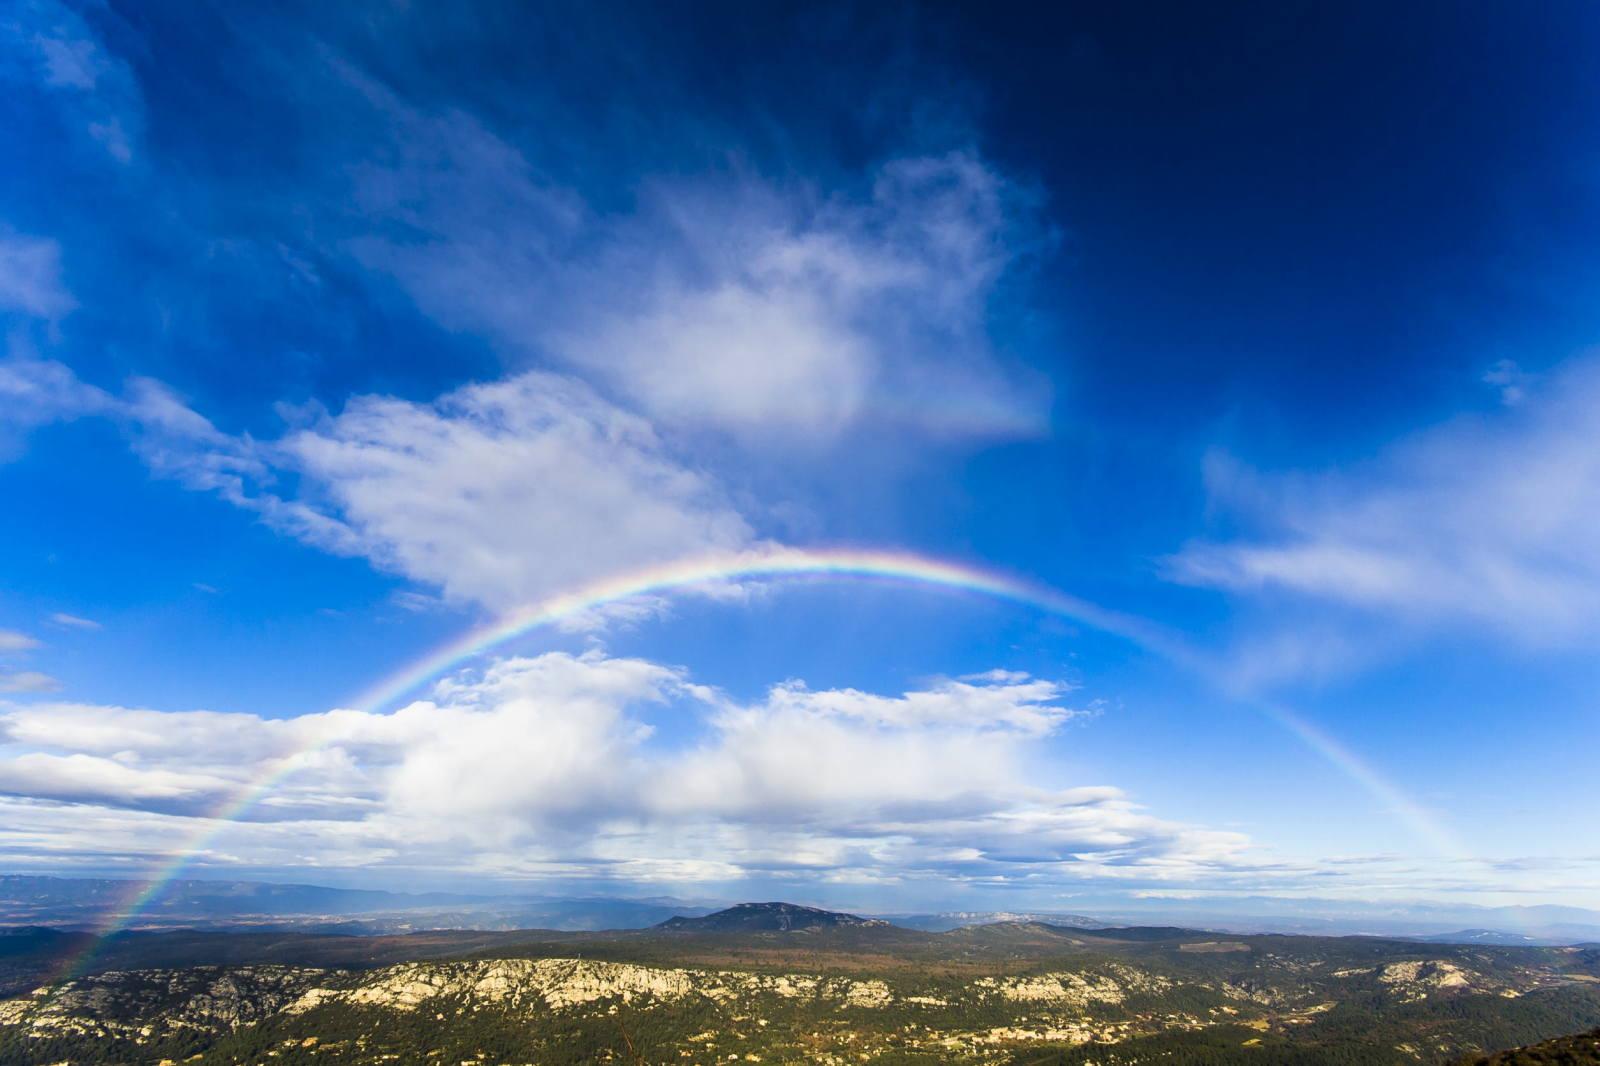 Arc-en-ciel sur le Pays d'Aix - Montagne Sainte-Victoire (Aix-en-Provence, Bouches-du-Rhône)